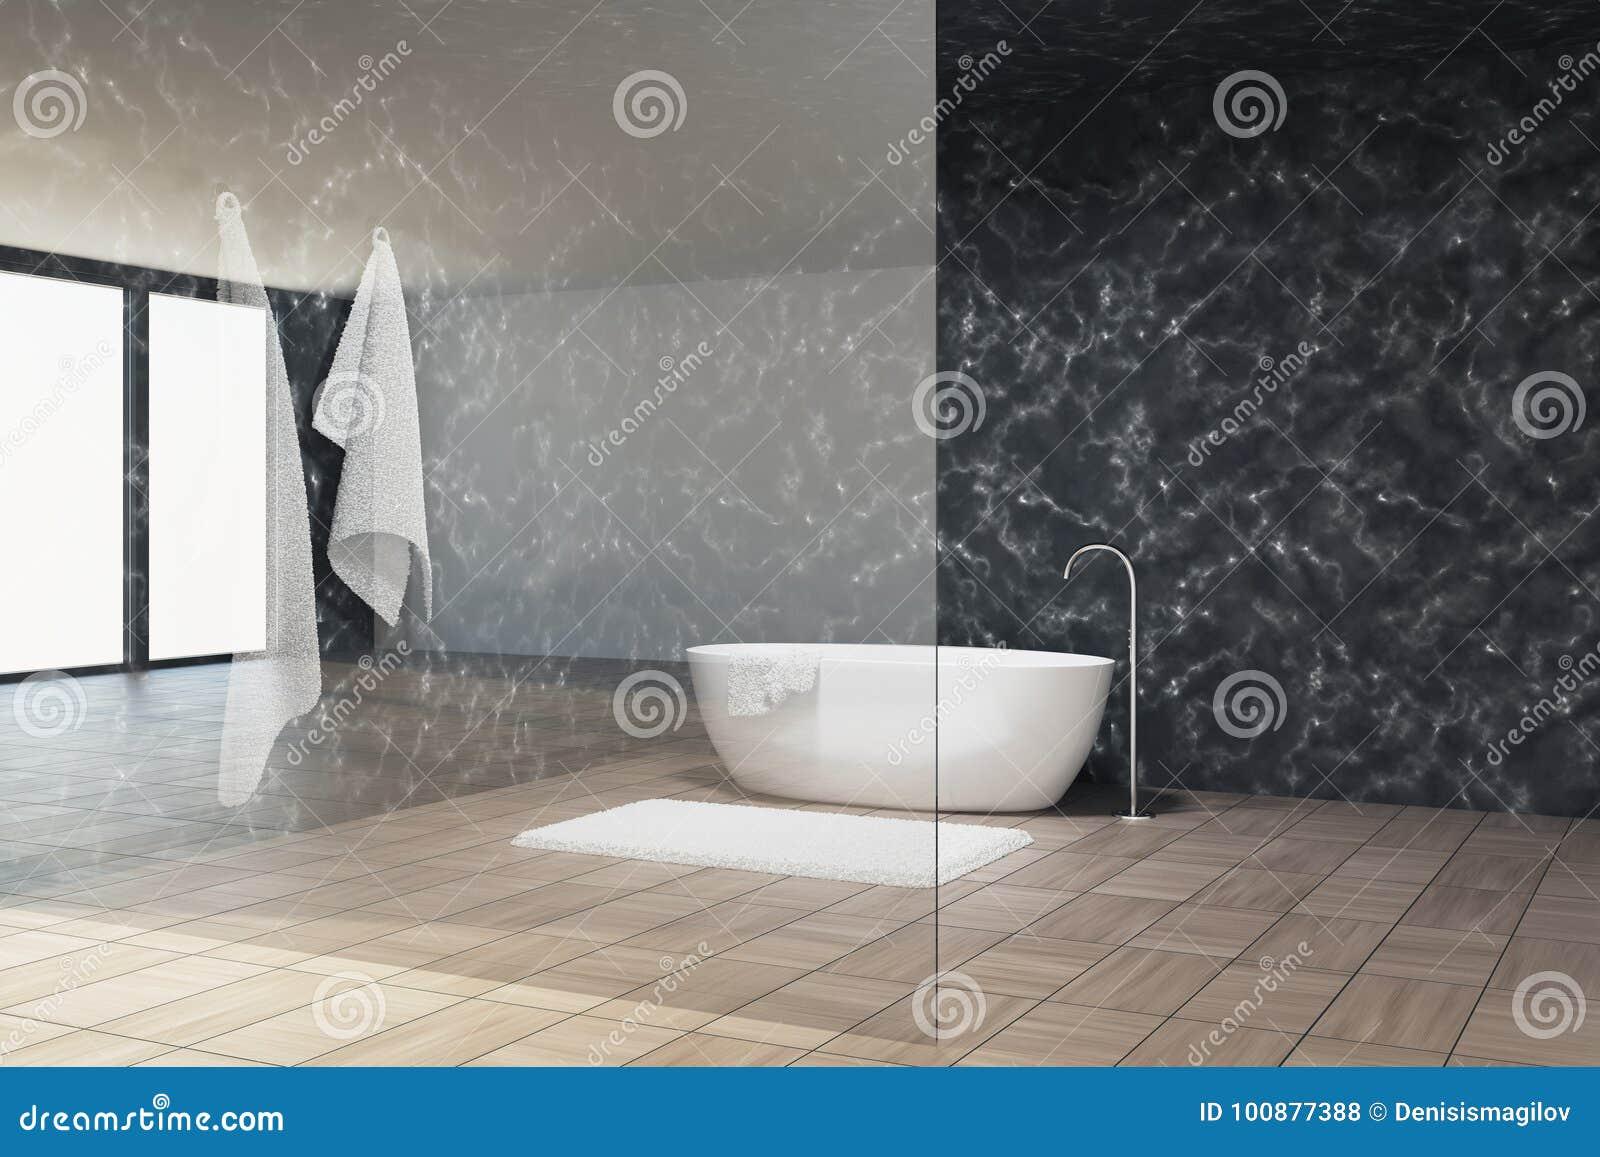 Bagno di marmo interno parete di vetro vasca illustrazione di